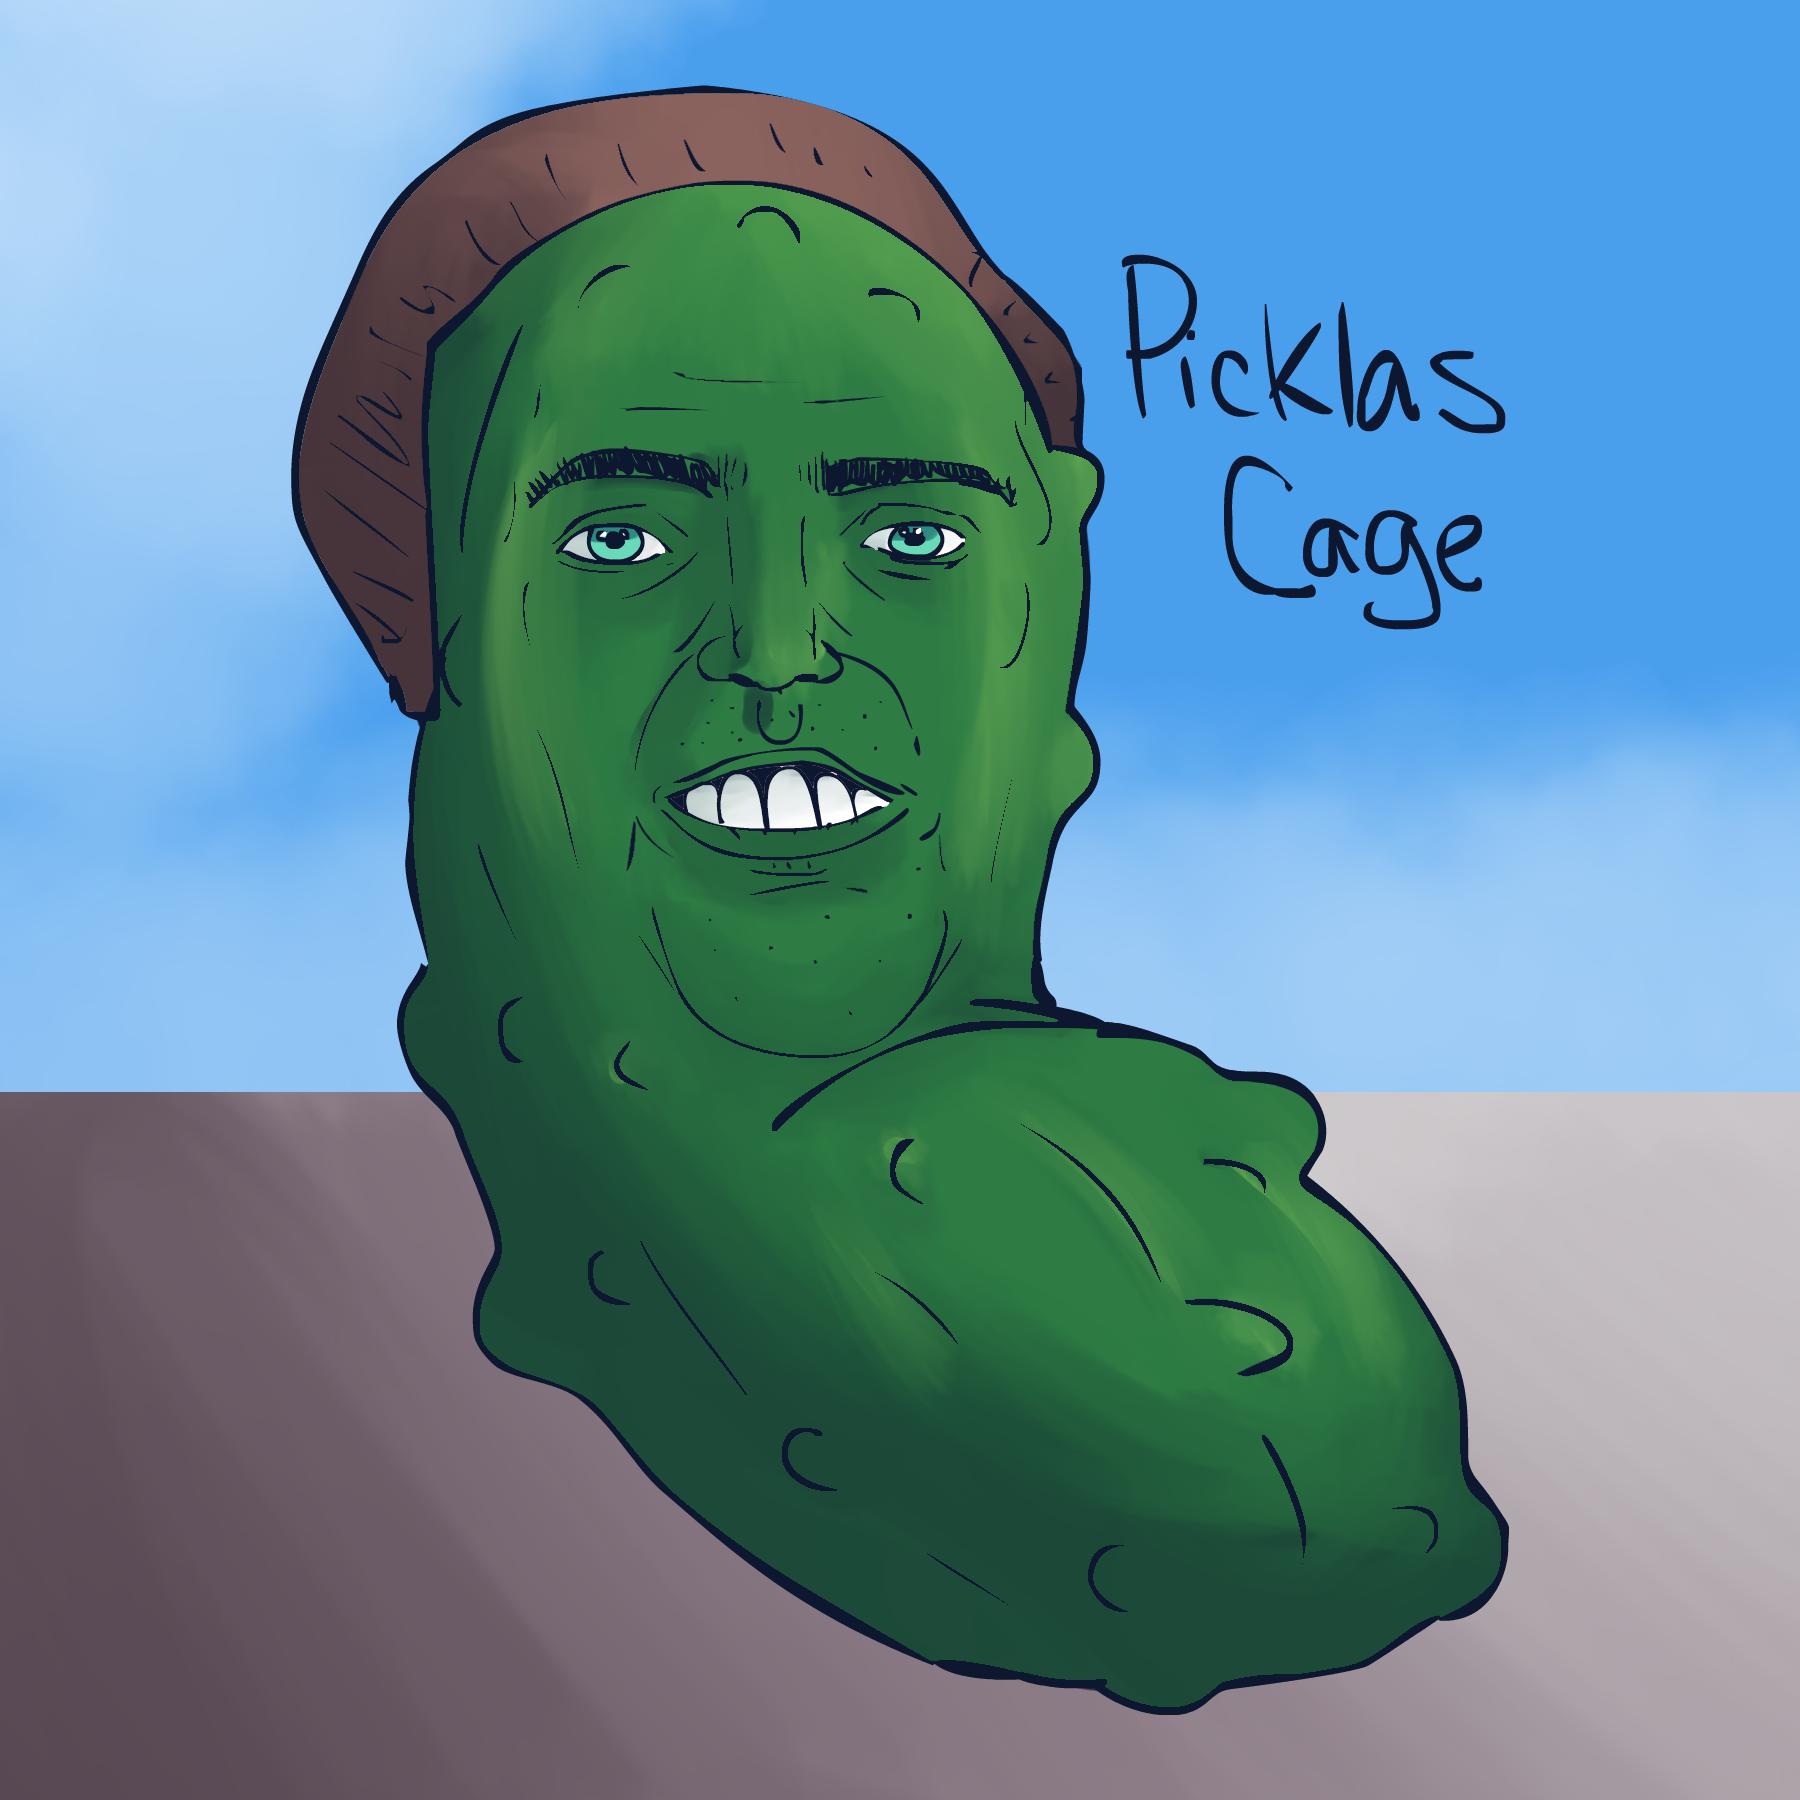 Picklas Cage